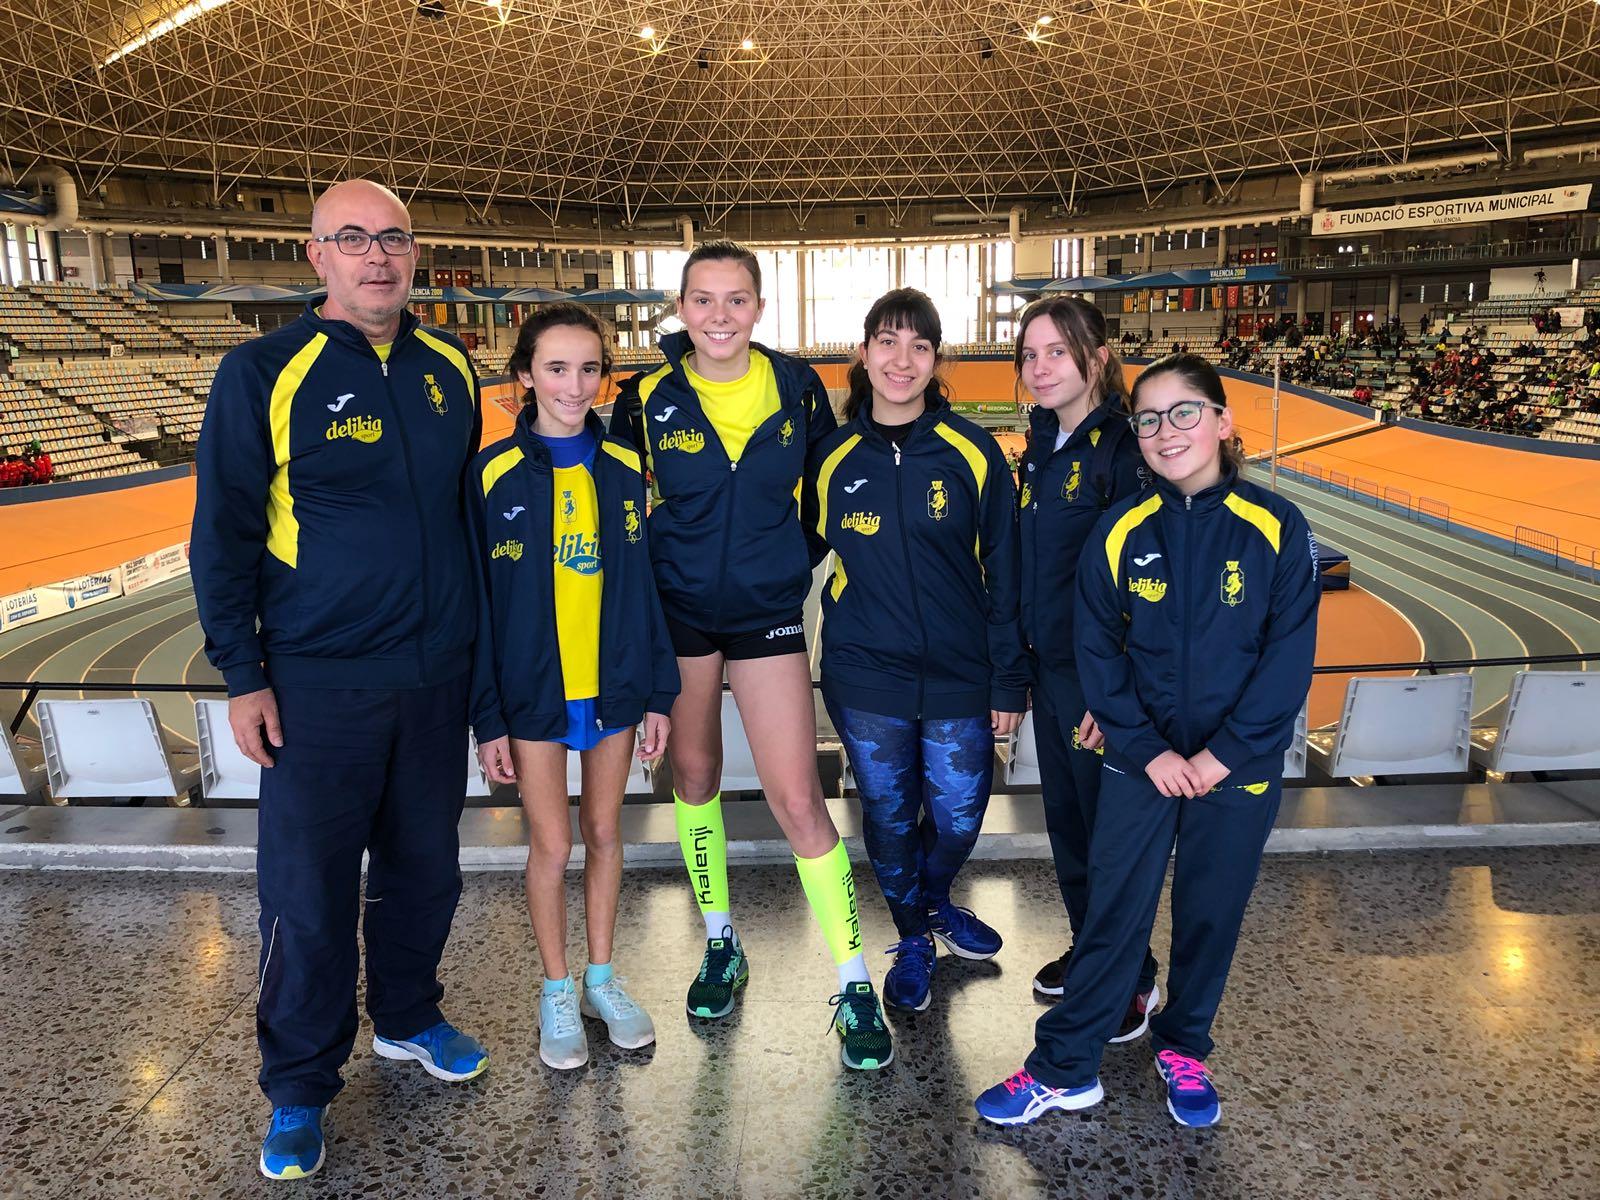 Les atletes infantils al palau velòdrom Lluís Puig amb el seu entrenador, Miguel Ángel Soler.